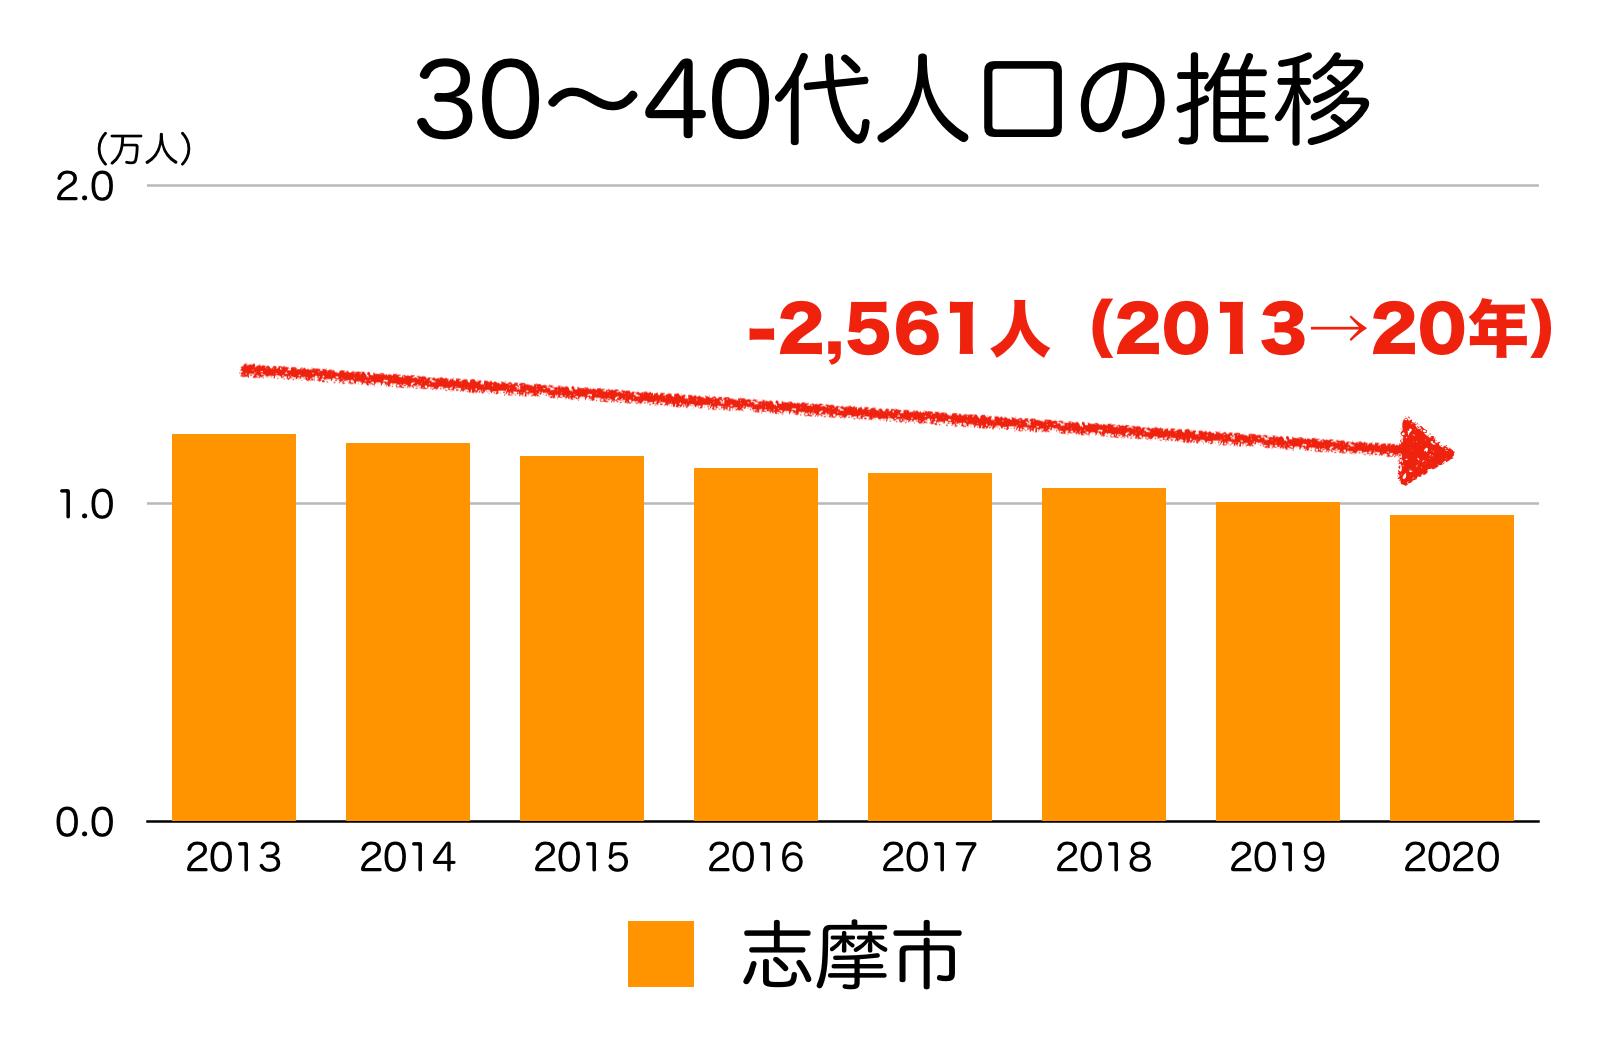 志摩市の30〜40代人口の推移